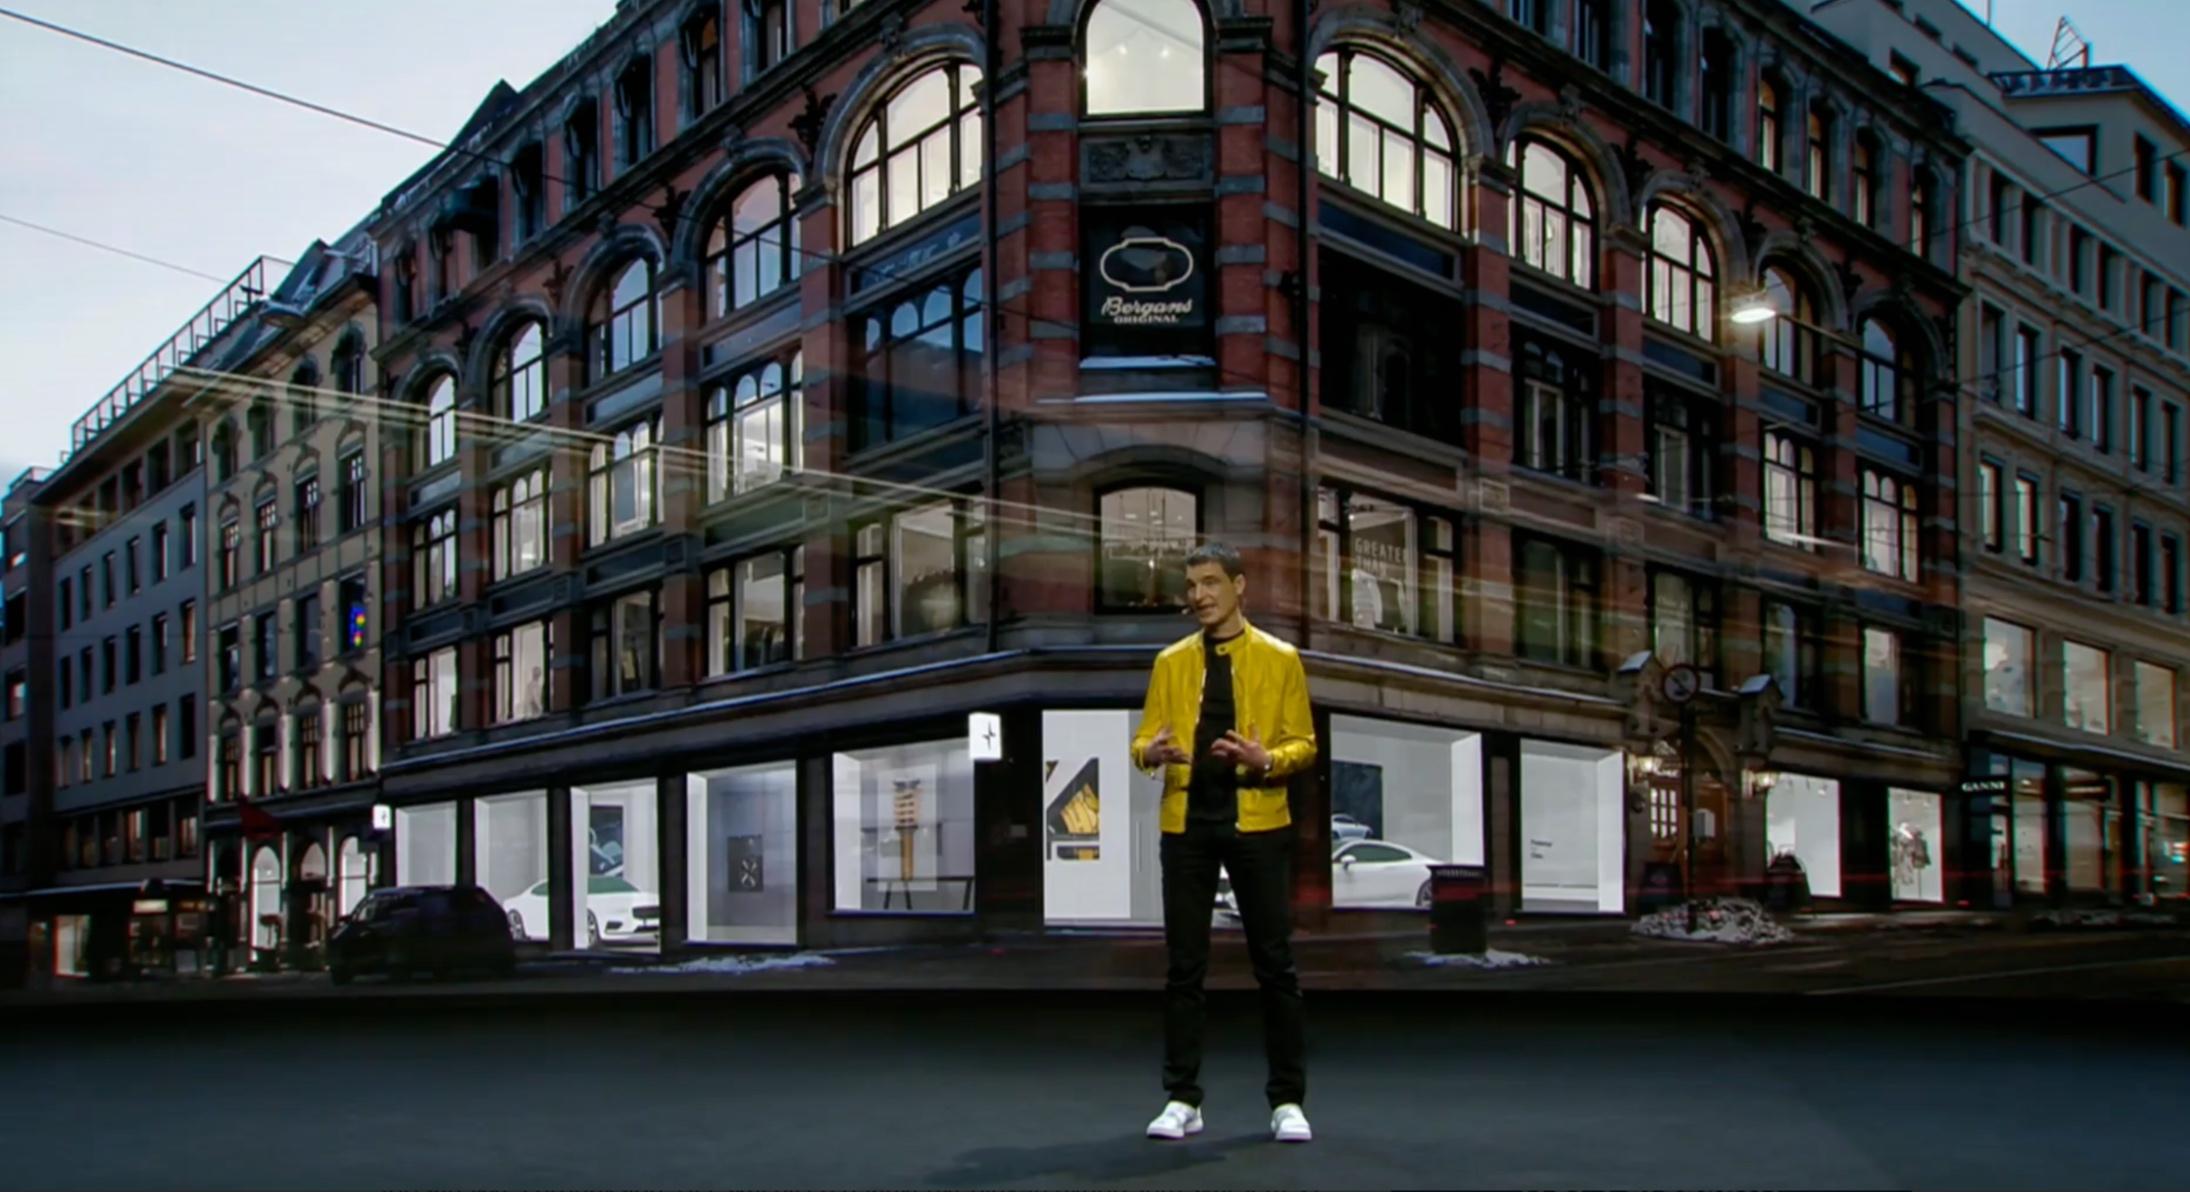 Denne uken presenteres Polestar 2 for første gang, på bilmessen i Geneve. Samtidig forteller de at den første Polestar-butikken i verden skal åpne midt i Oslo sentrum, i Øvre Slottsgate . Foto: Skjermdump.